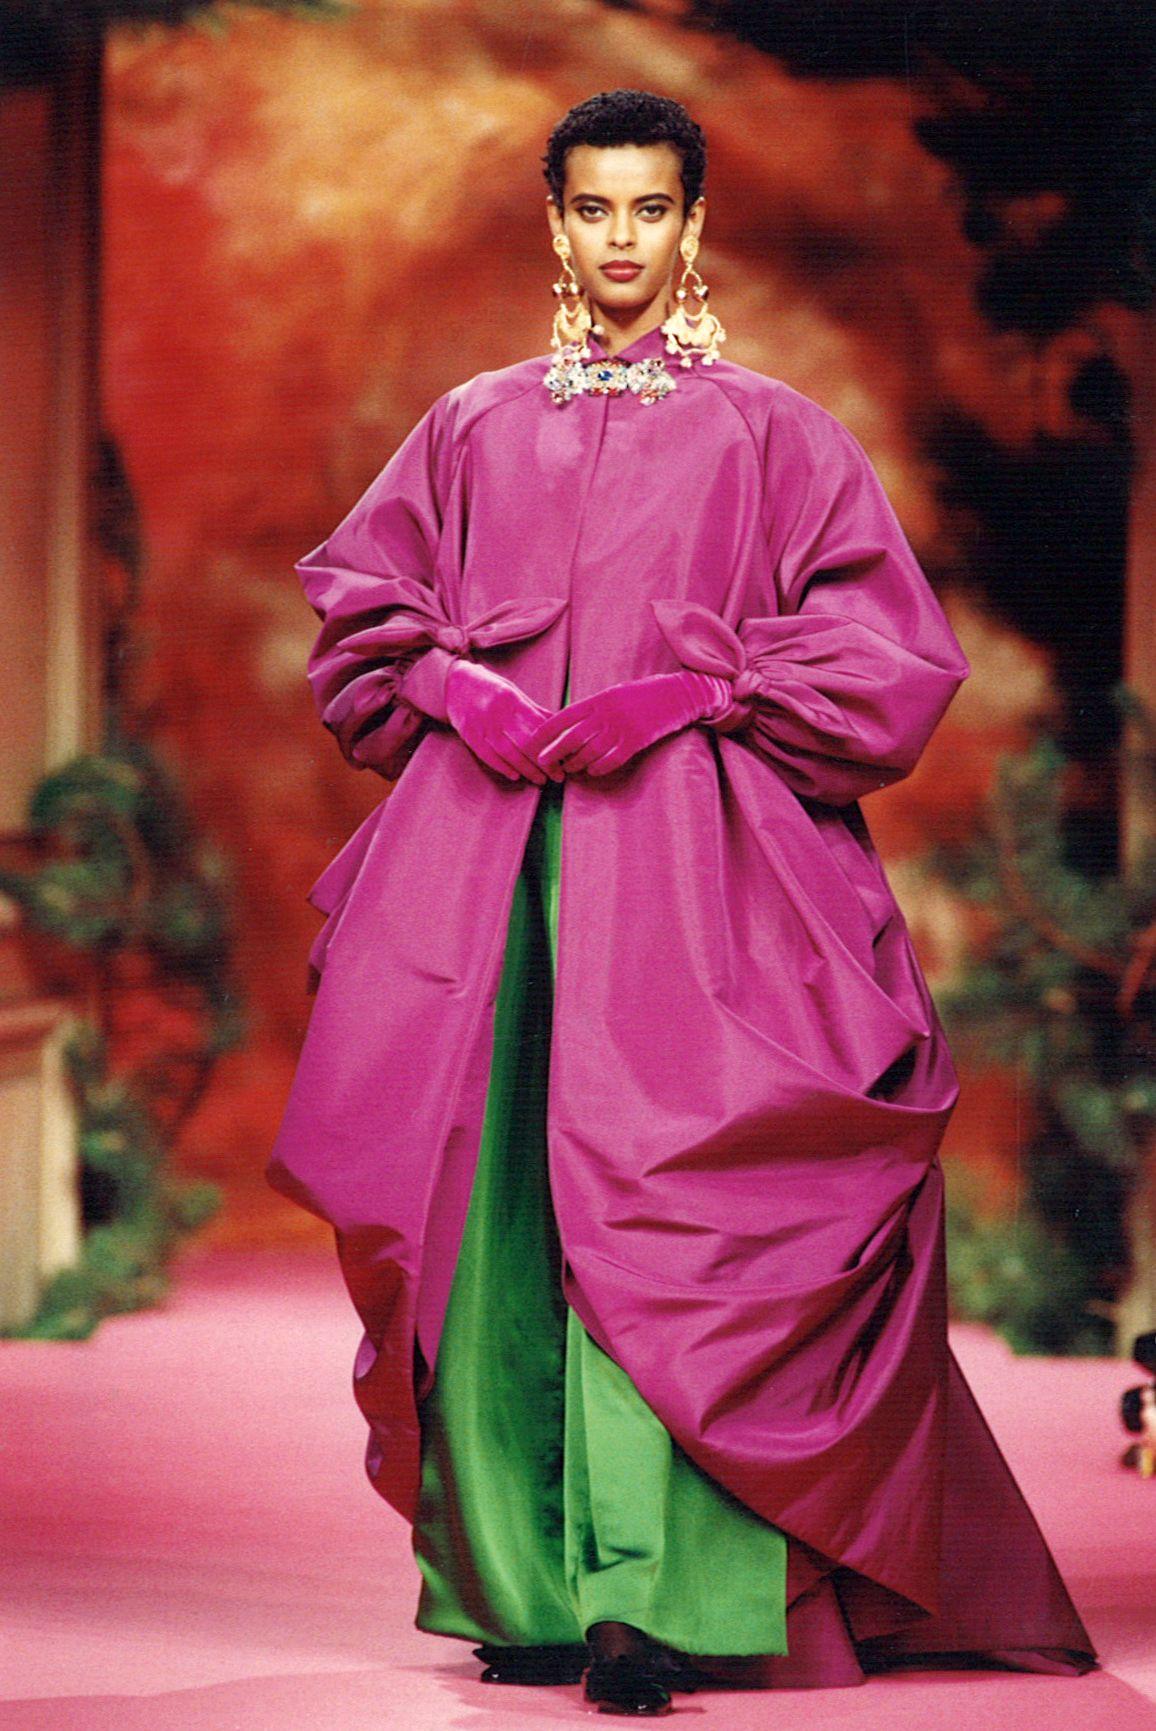 christian diseñador frances de moda